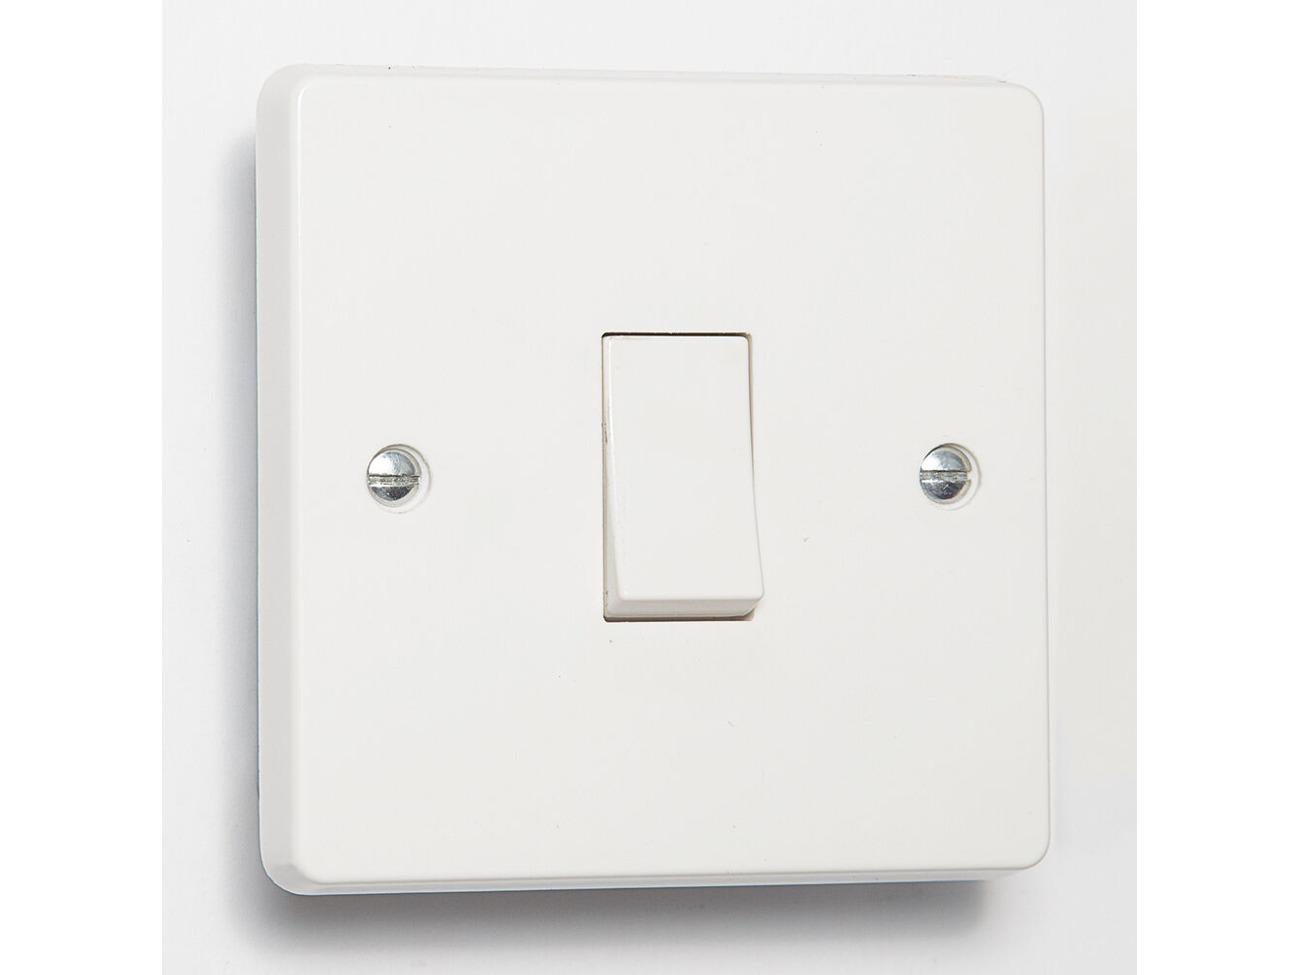 Joke Fire Break Glass Light Switch Sticker skin for Crabtree 4070 1 Way 1 Gang by stika.co